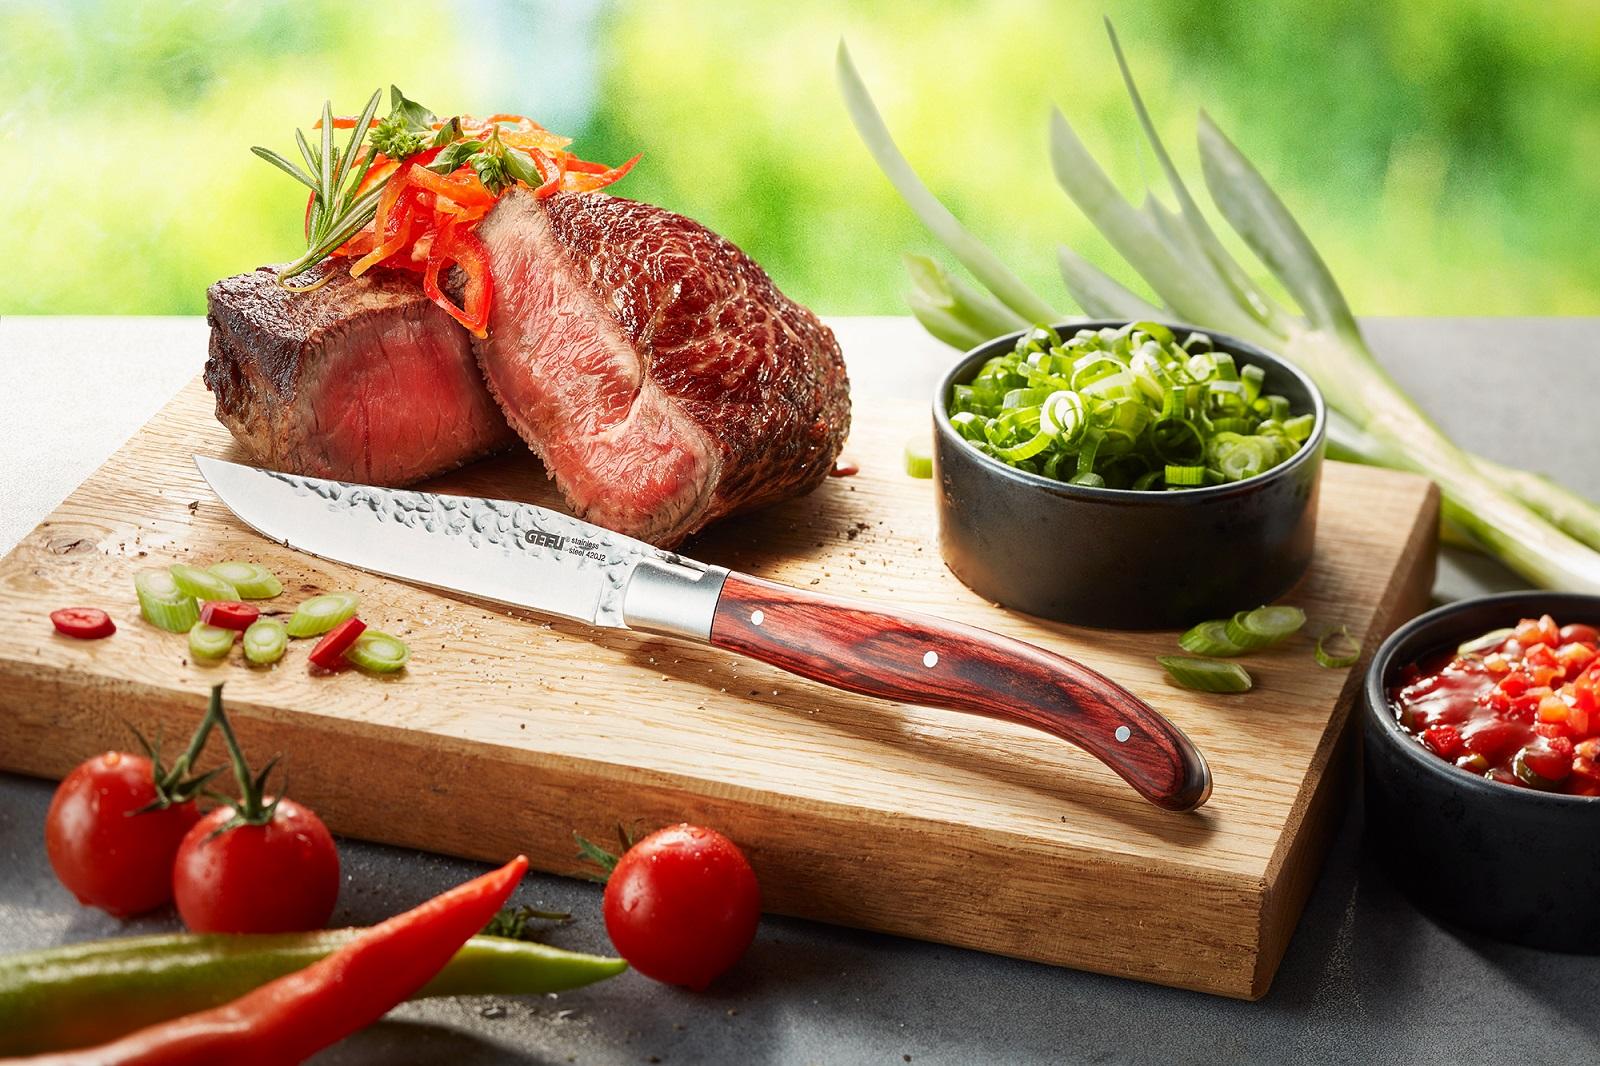 Набор ножей для стейка GEFU RANCHO, серебристый с бежевым, длина 22,5 см, 6 штук GEFU 13951 фото 1